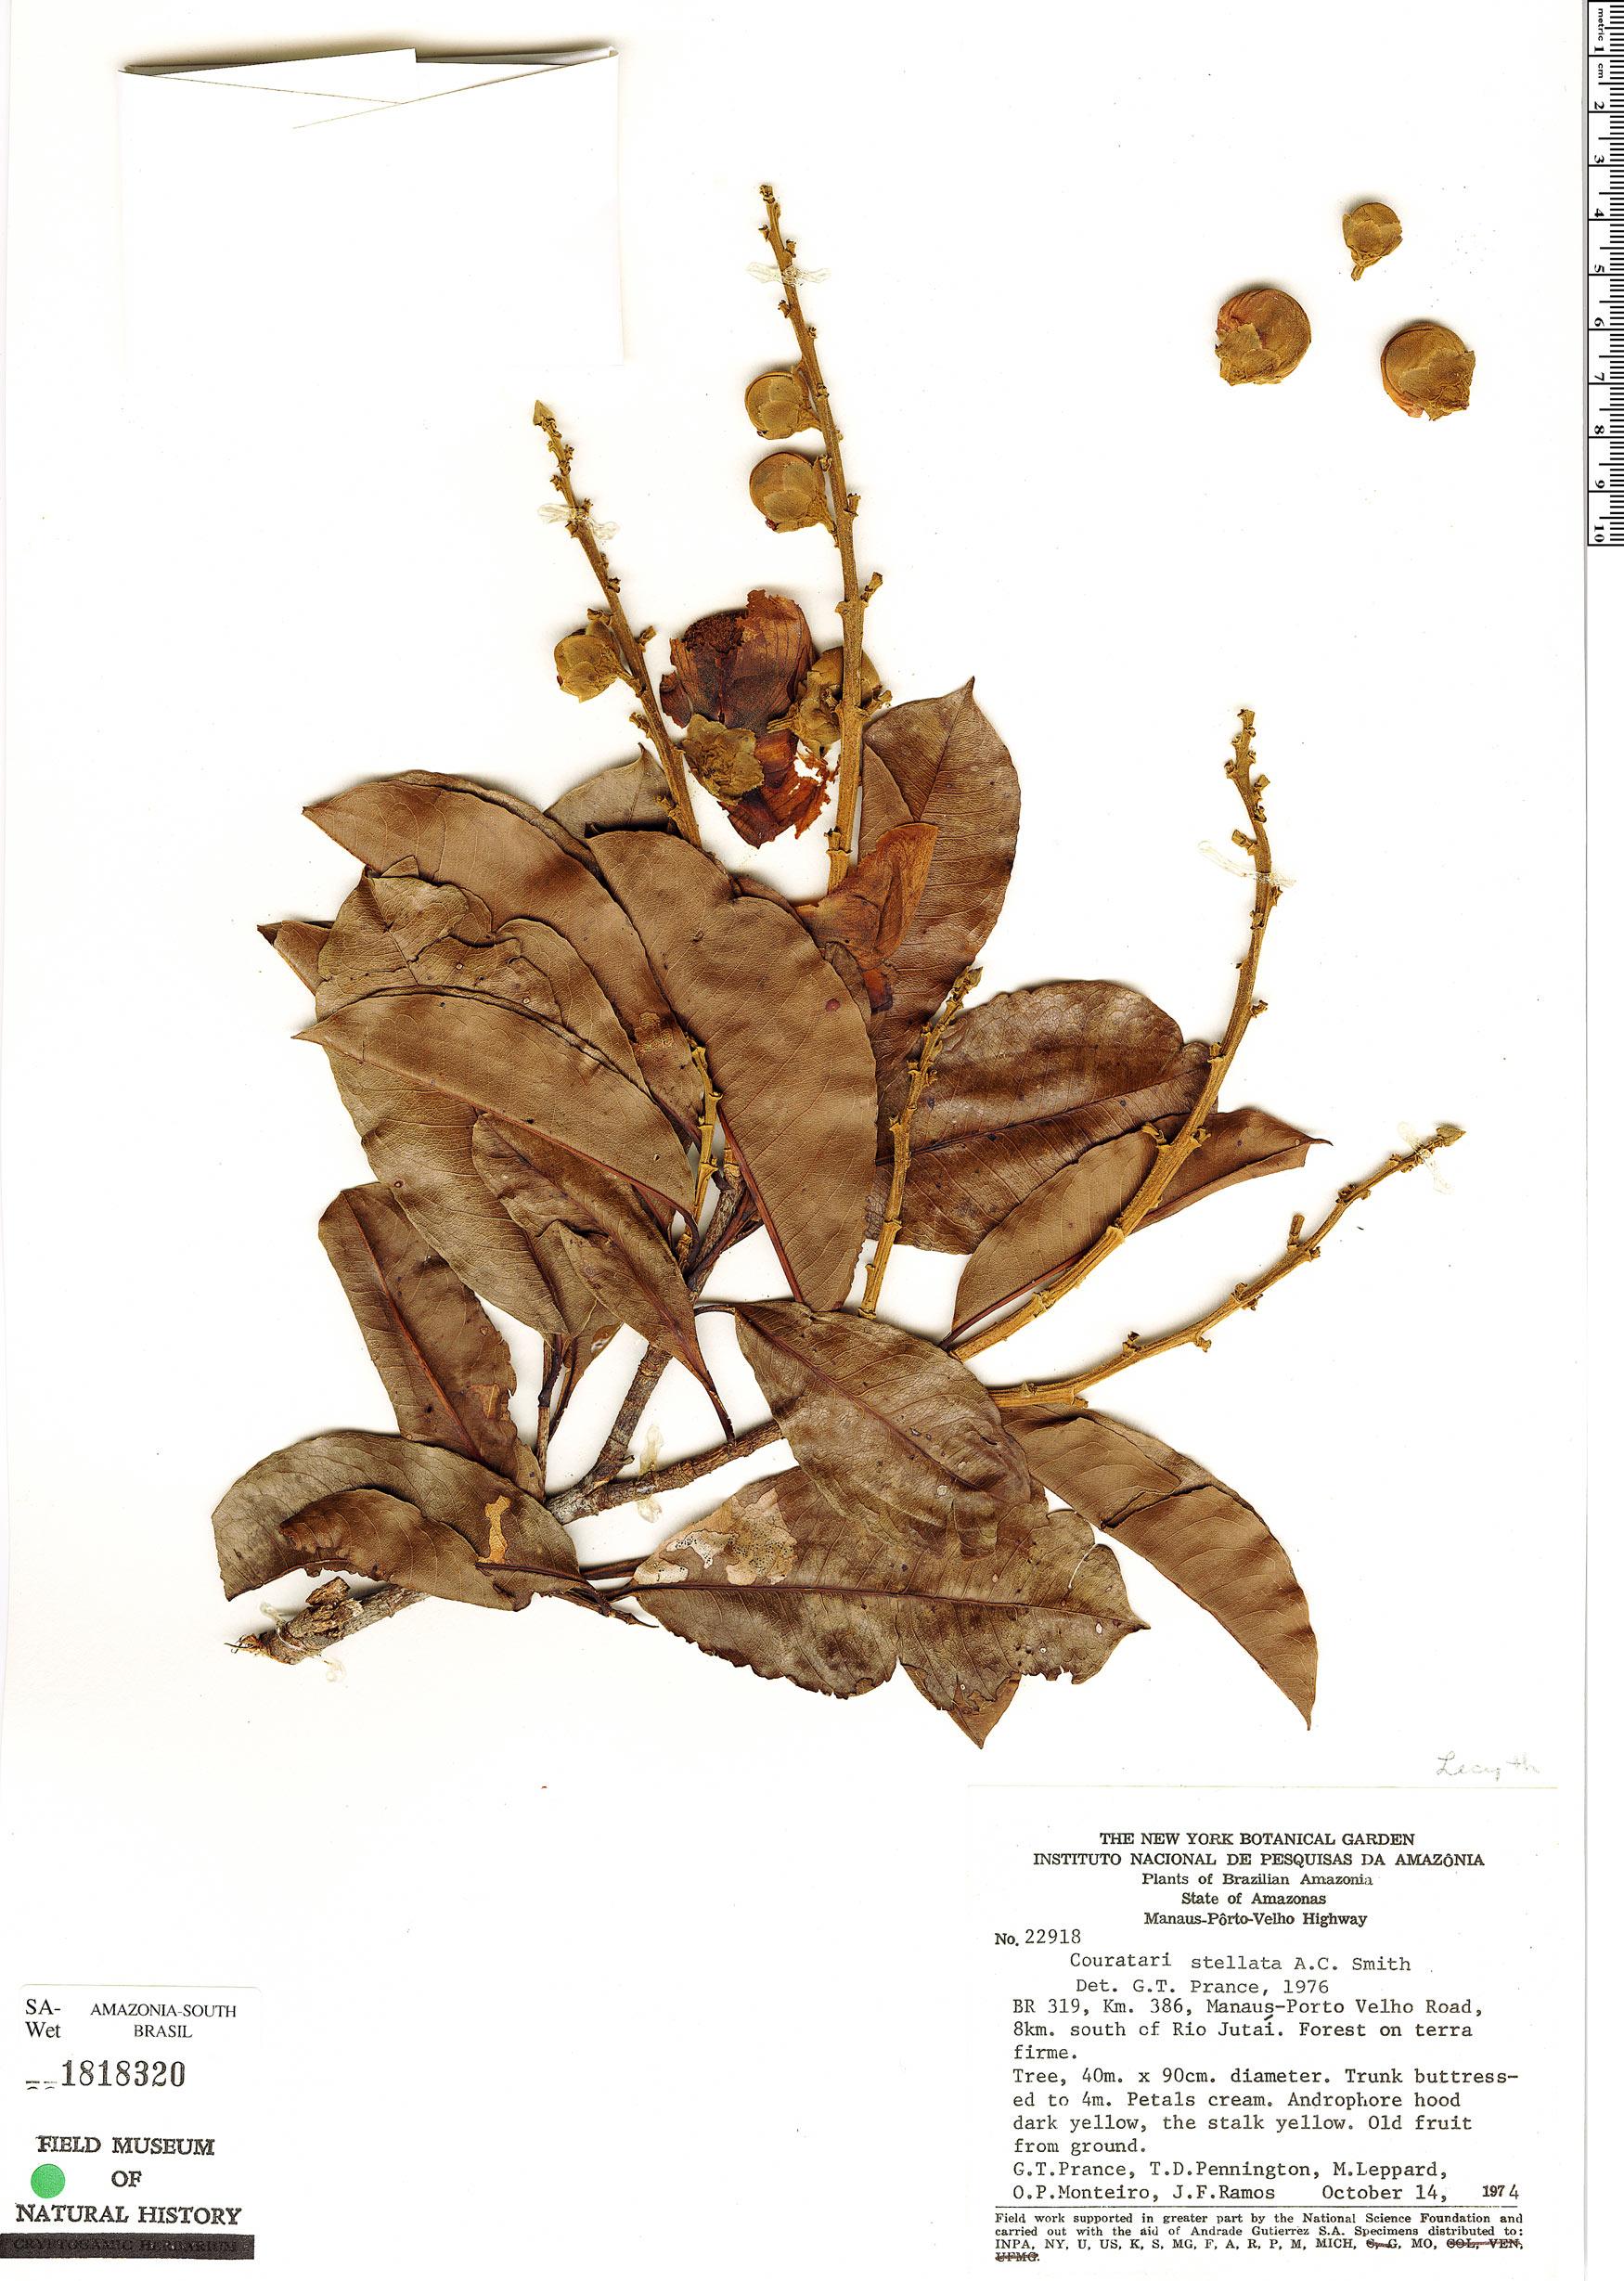 Espécime: Couratari stellata